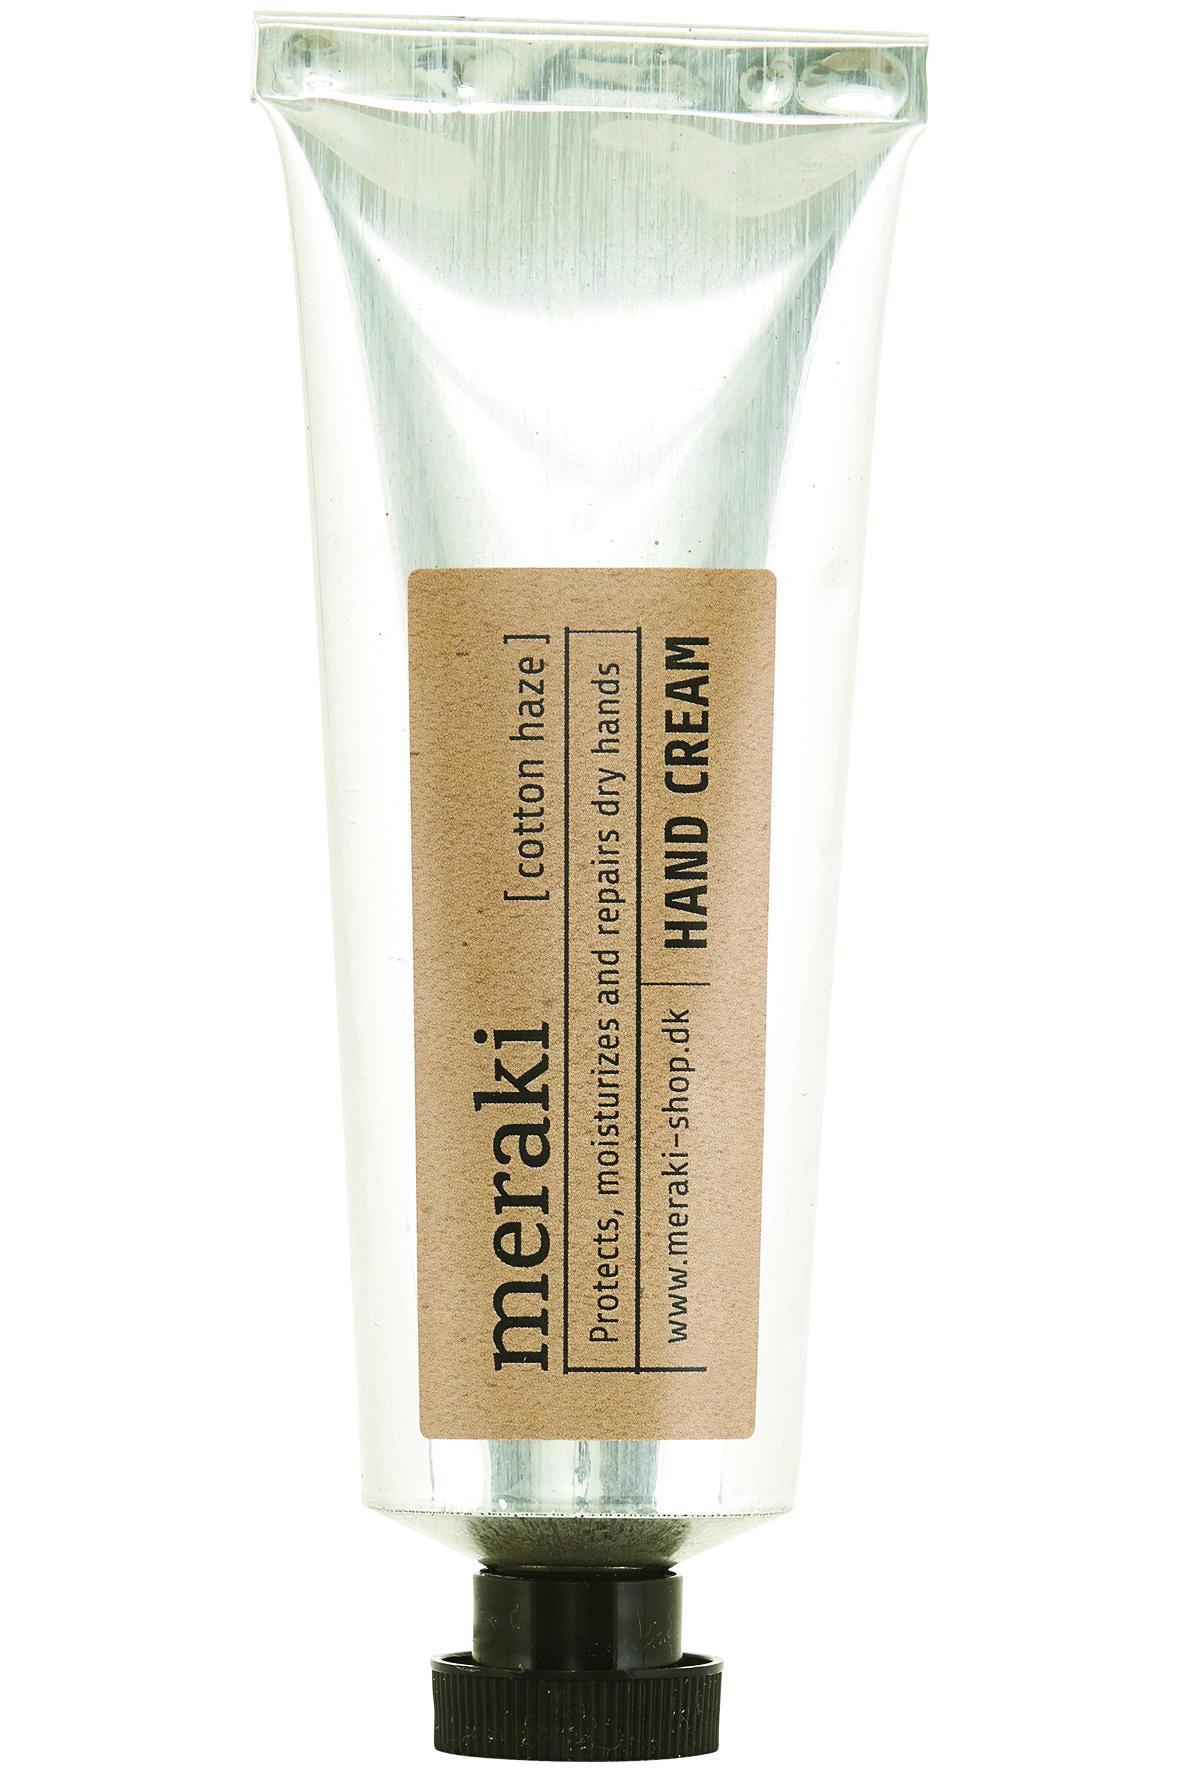 meraki Krém na ruce v kovové tubě Cotton haze 50 ml, stříbrná barva, kov, plast